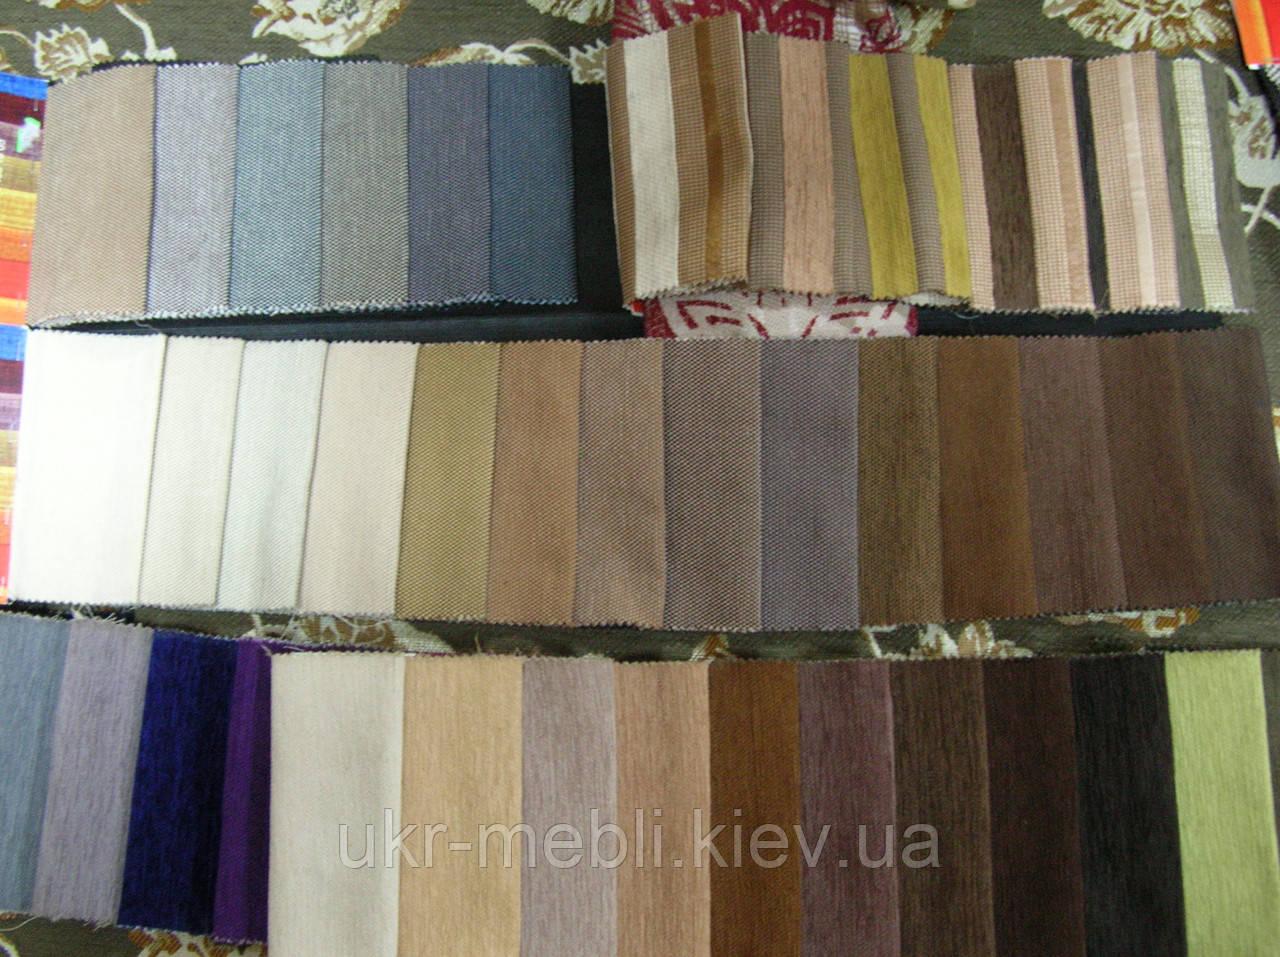 Однотоны, ткани фабрики Даниро